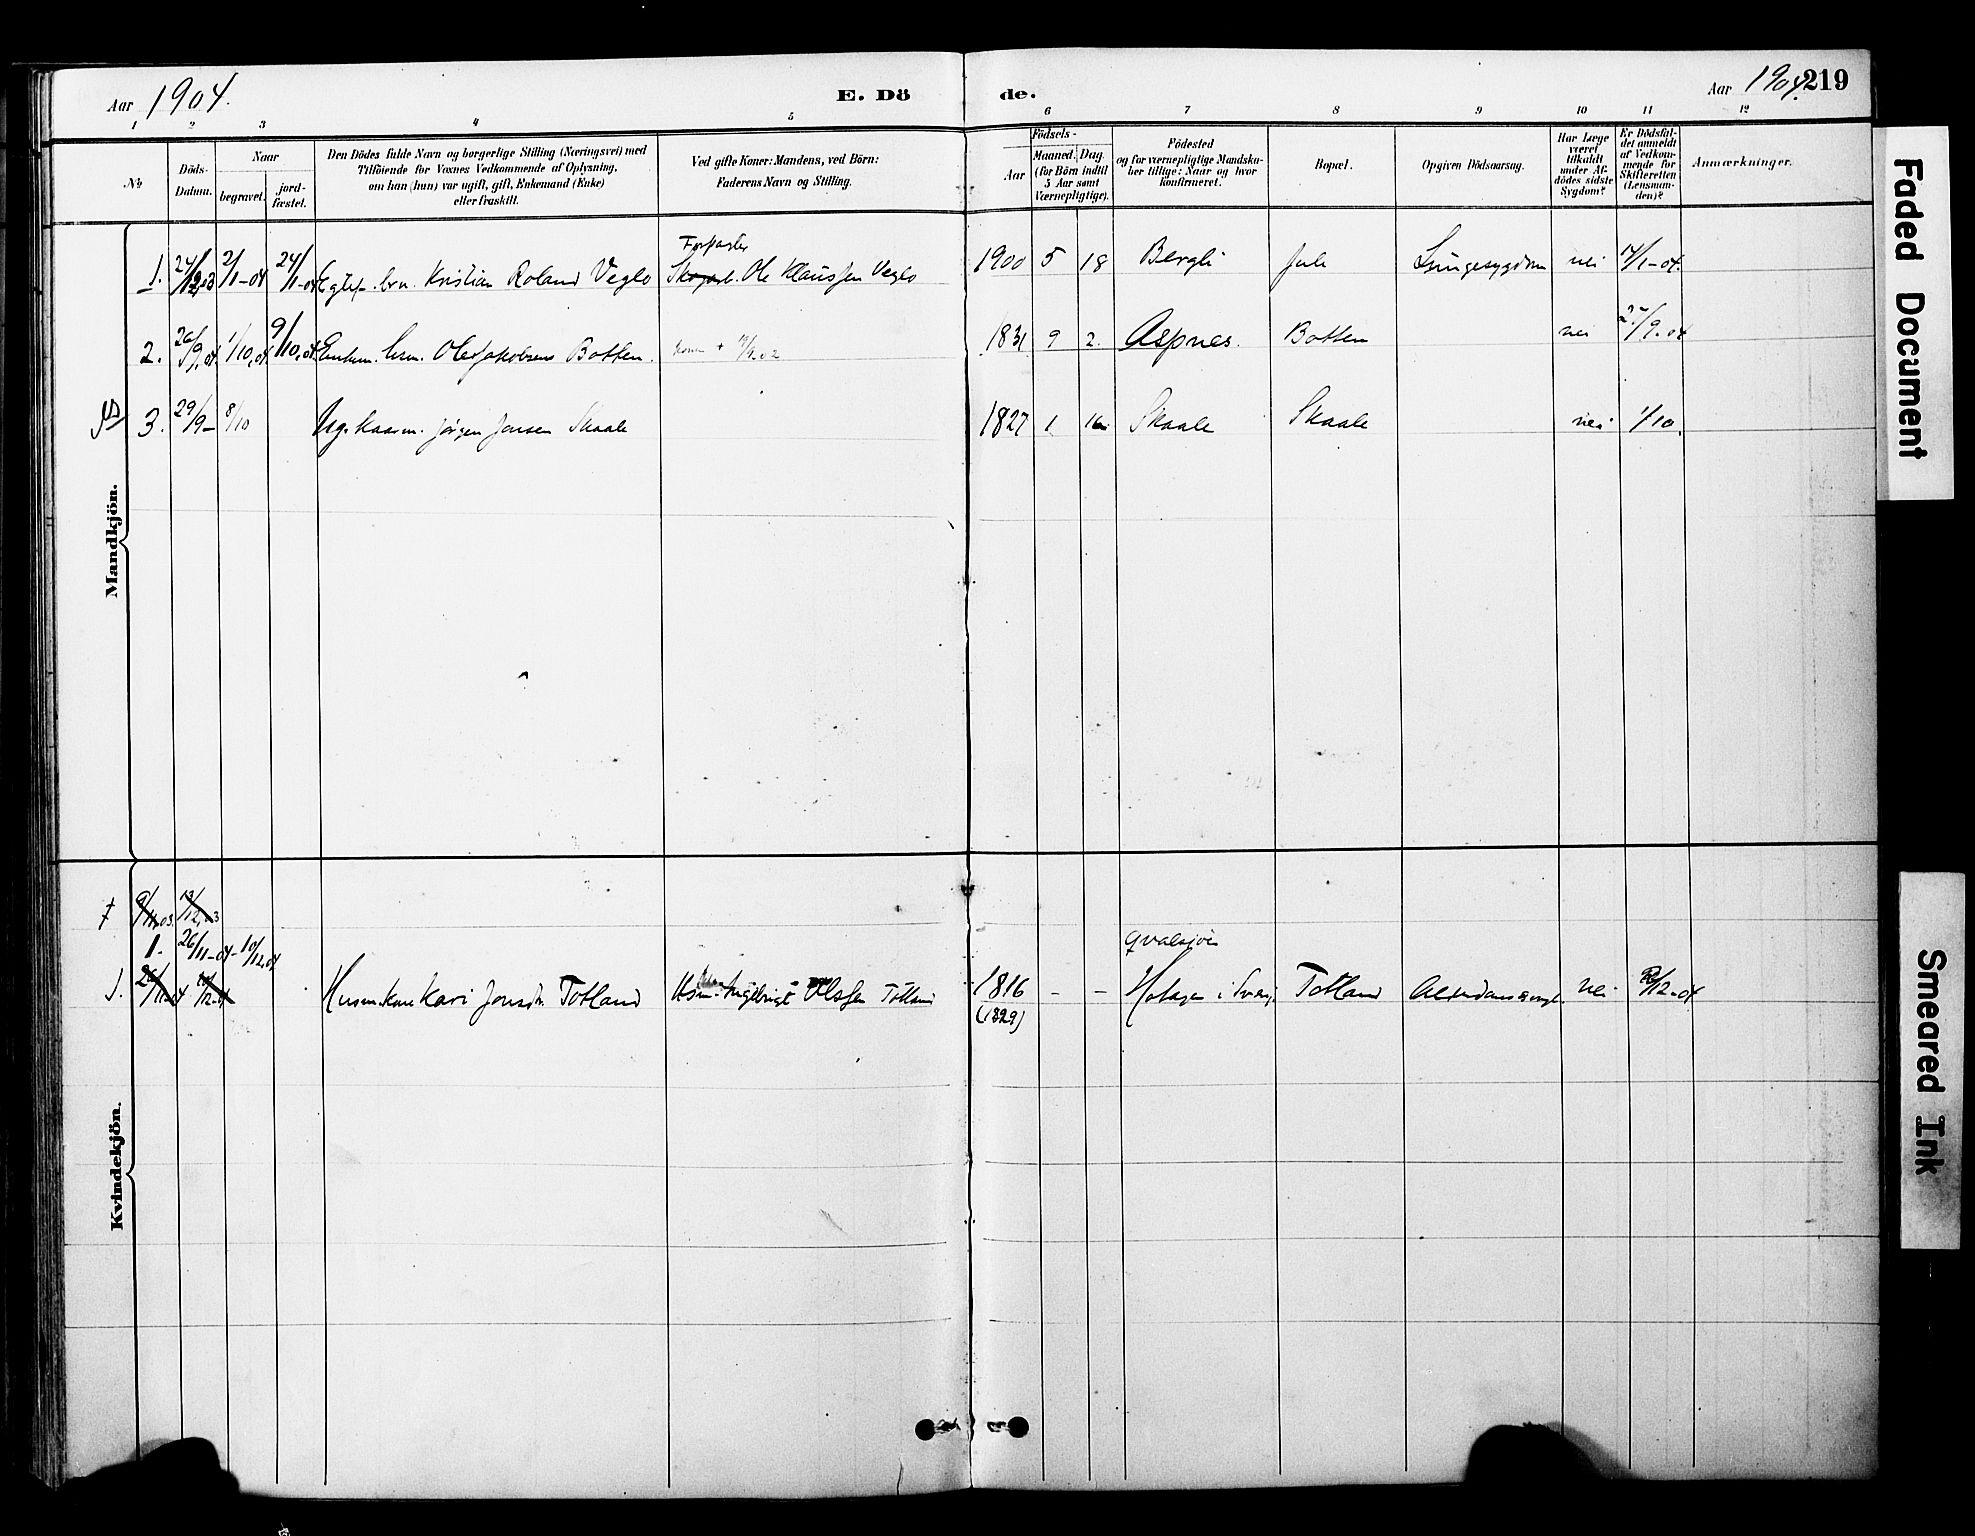 SAT, Ministerialprotokoller, klokkerbøker og fødselsregistre - Nord-Trøndelag, 757/L0505: Ministerialbok nr. 757A01, 1882-1904, s. 219